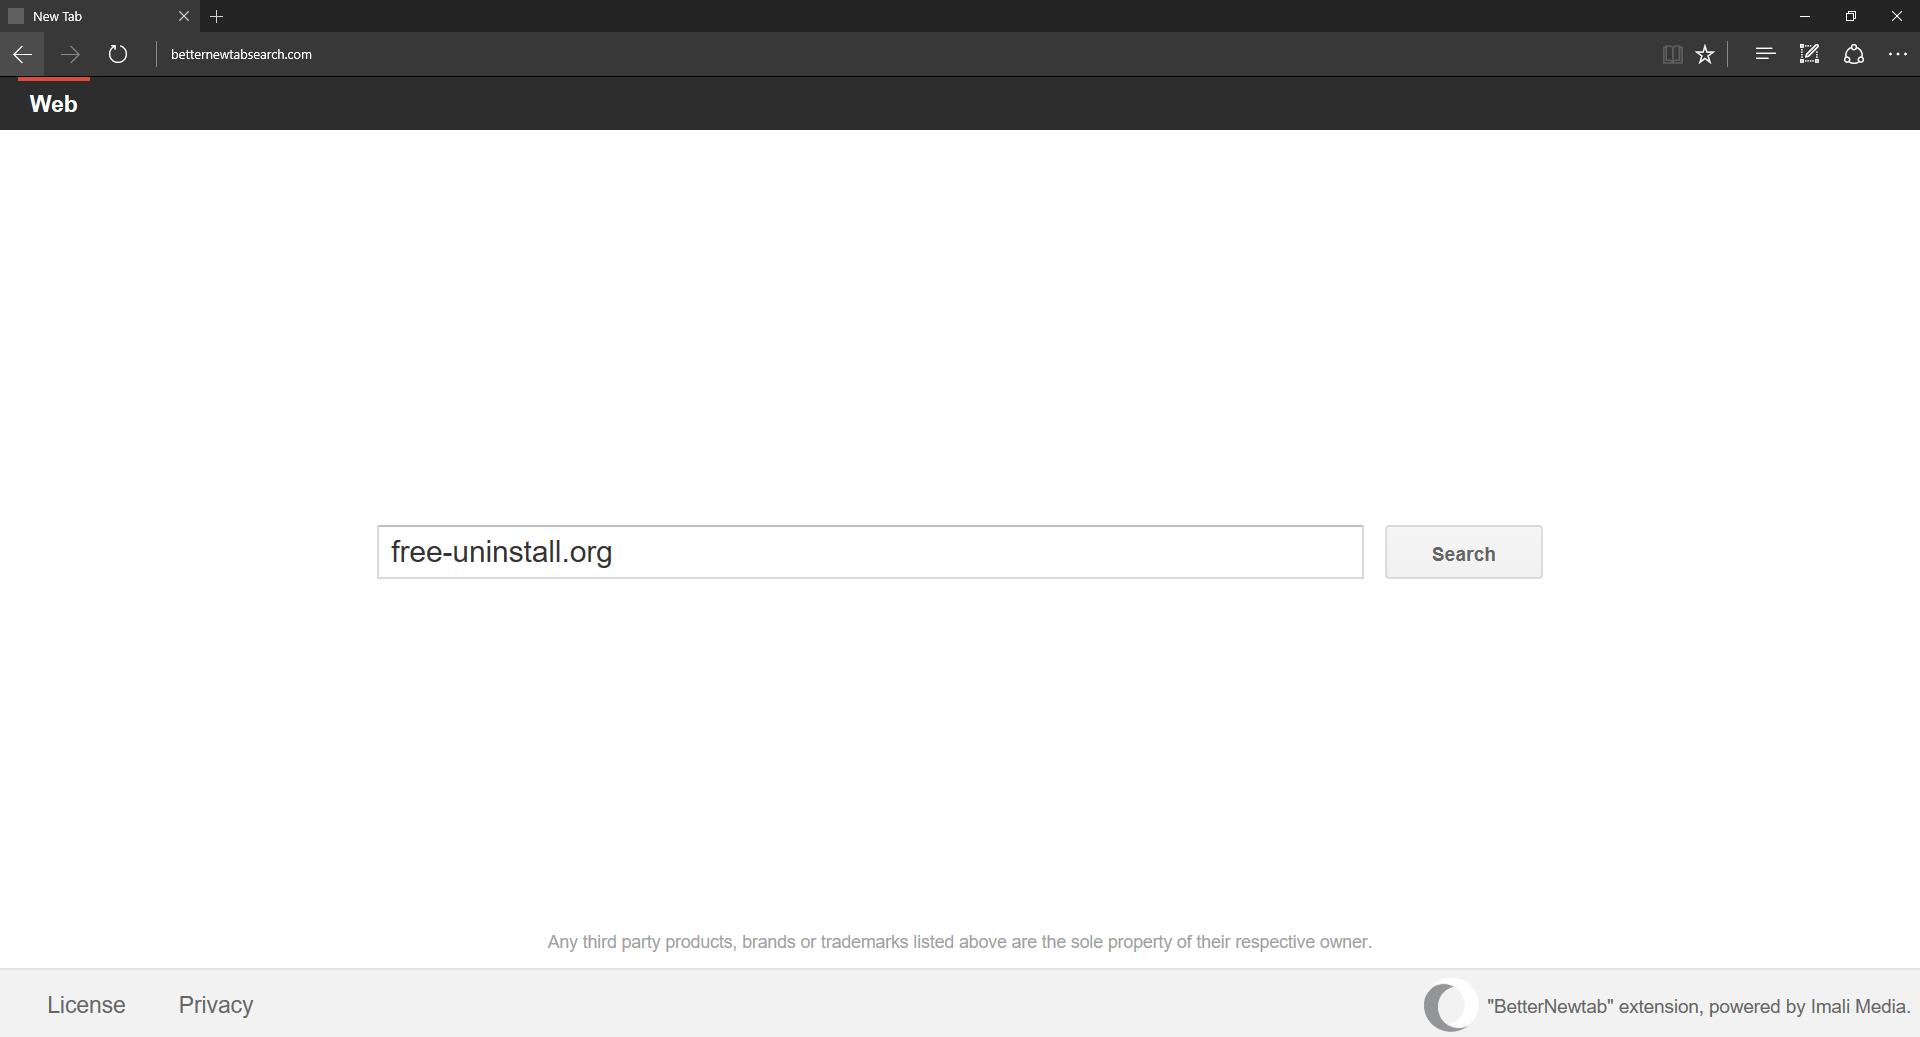 Betternewtabsearch.com Hijacker